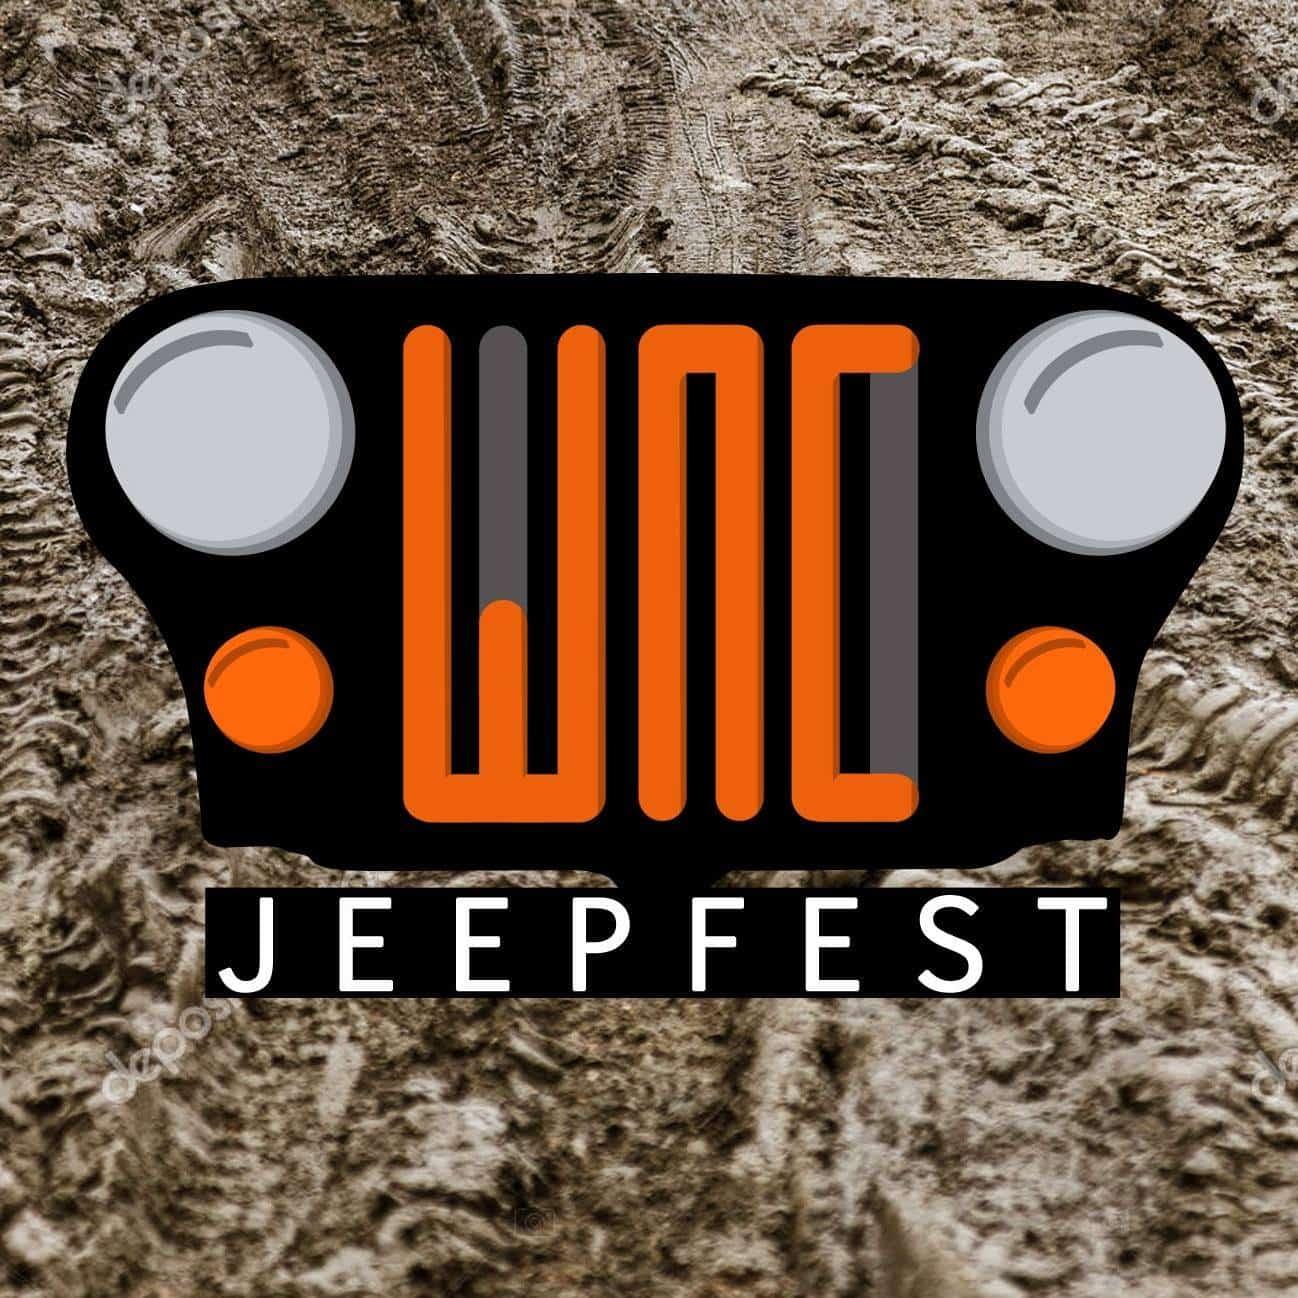 Jeepfest profile pic